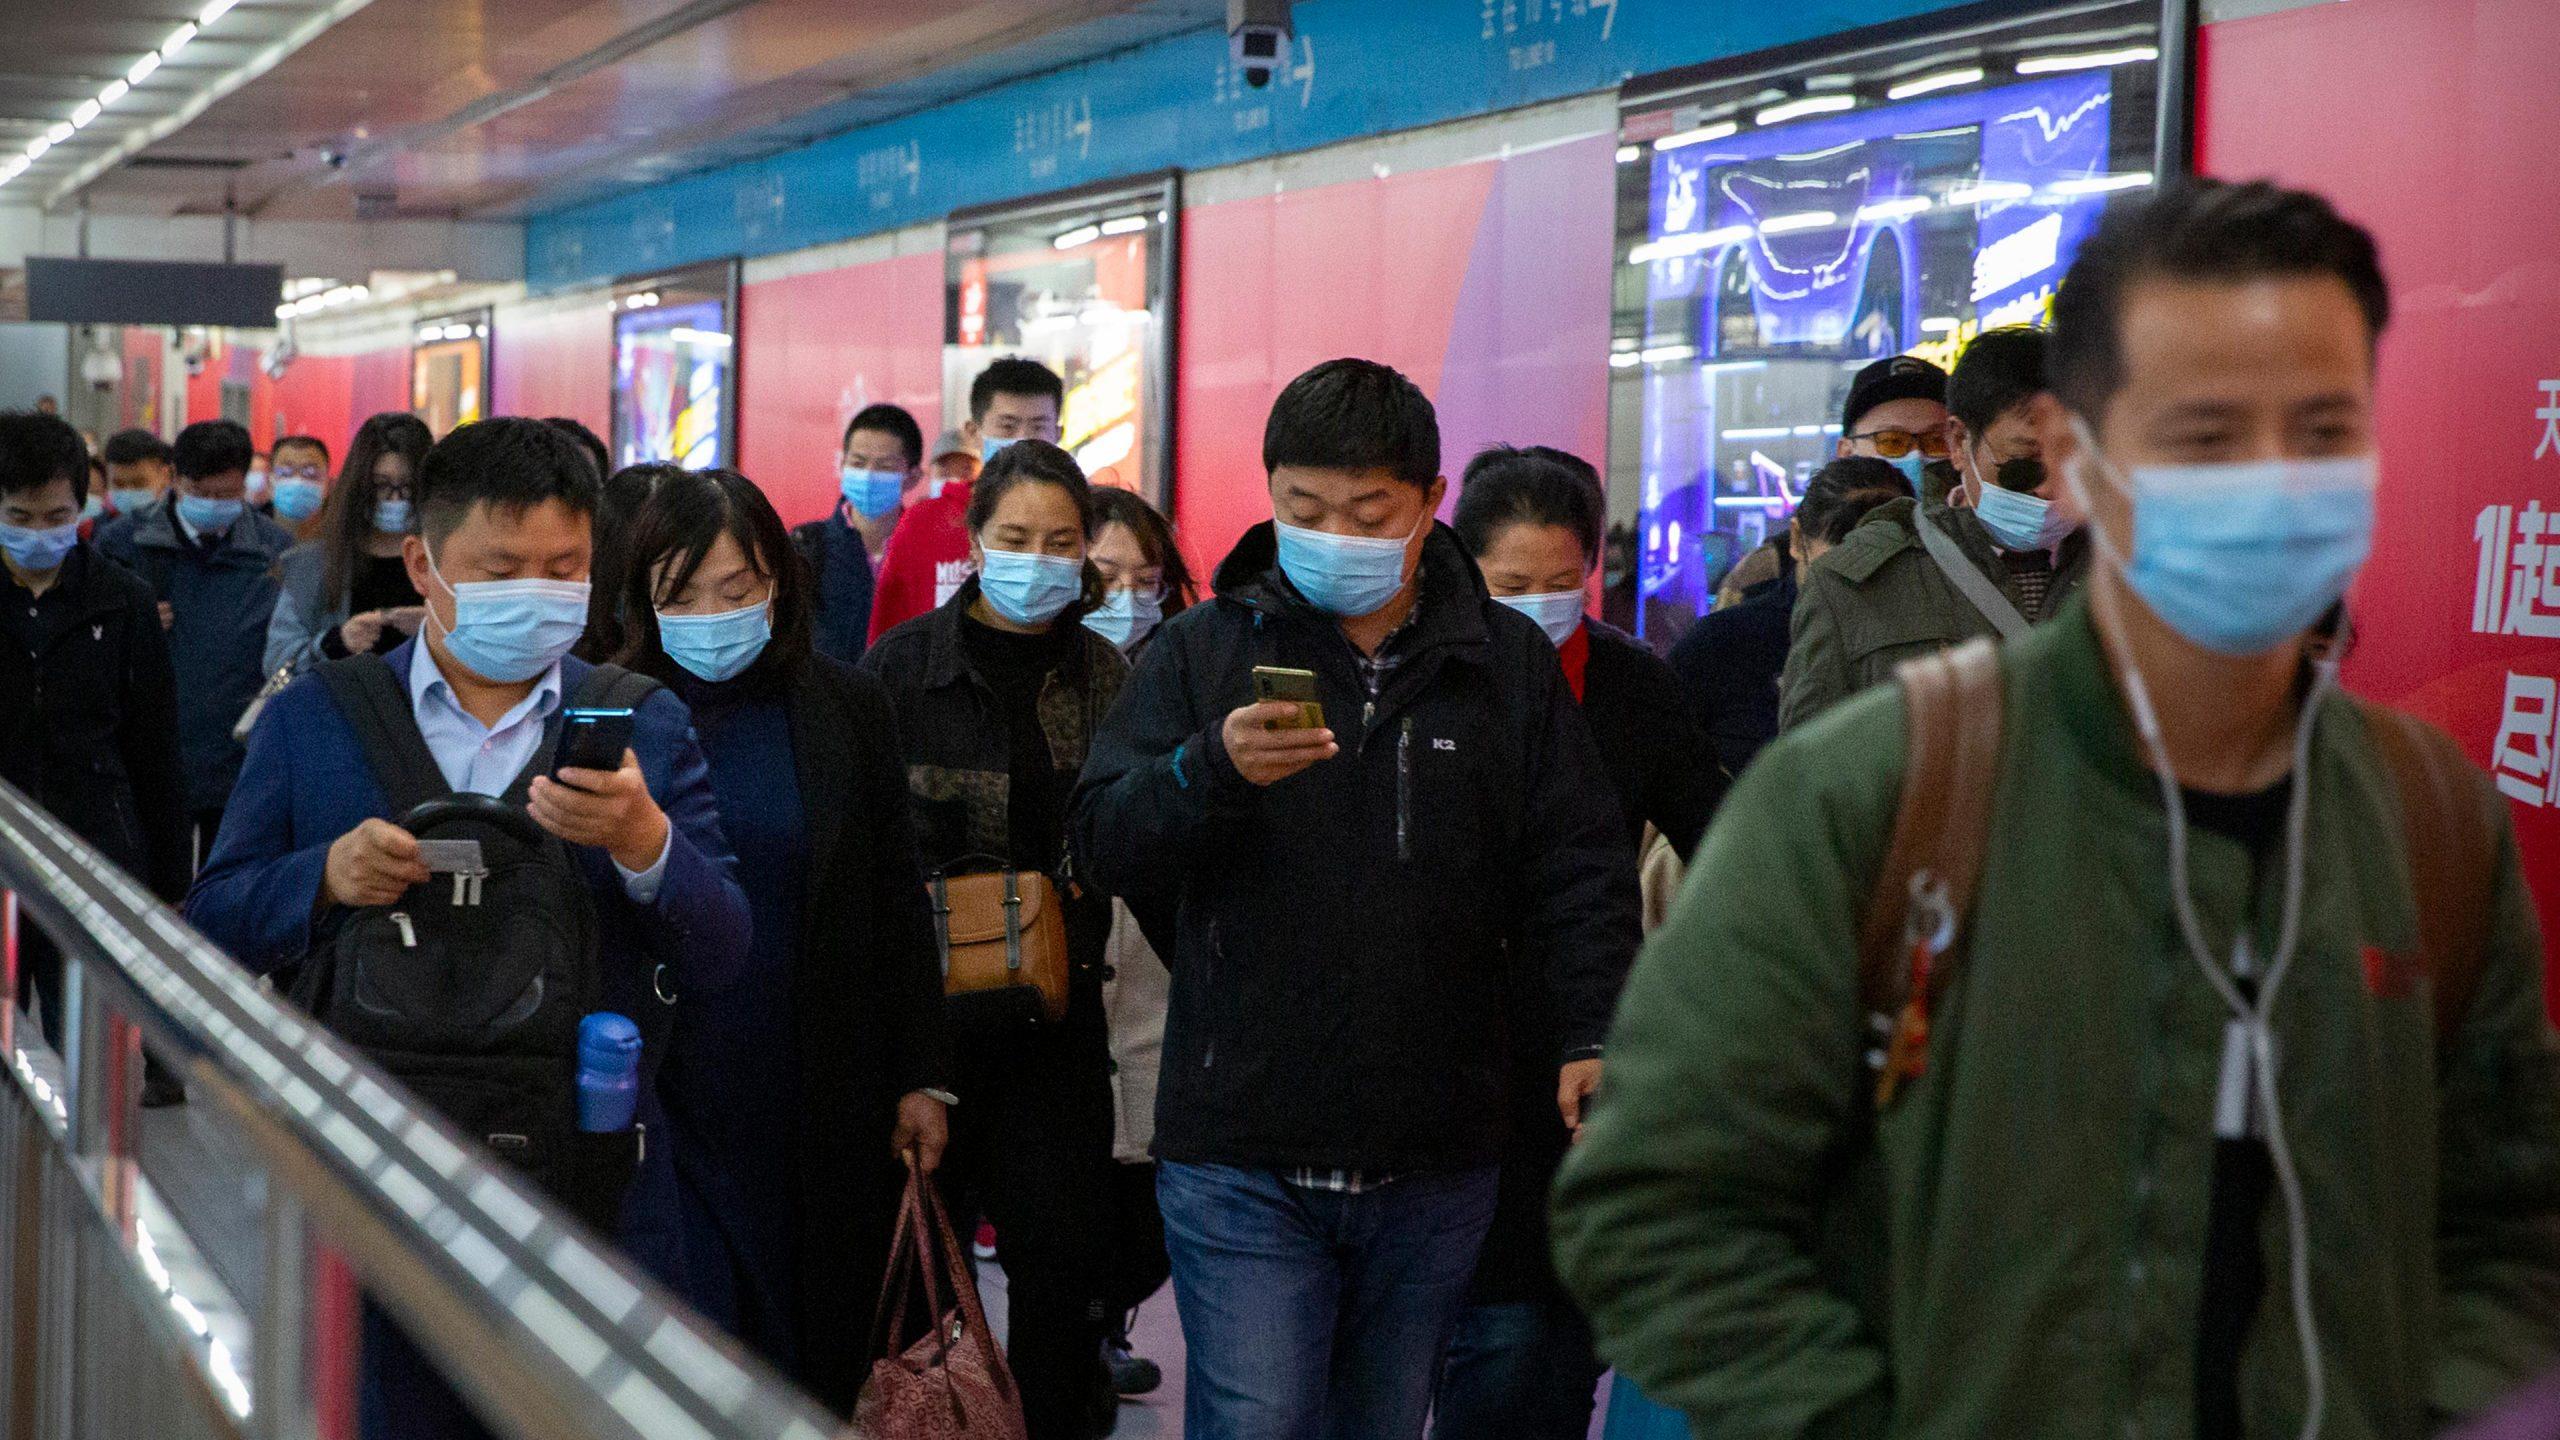 Κορωνοϊός Κίνα Εμβόλιο: Στόχος ο εμβολιασμός του 40% του πληθυσμού έως τα τέλη Ιουνίου